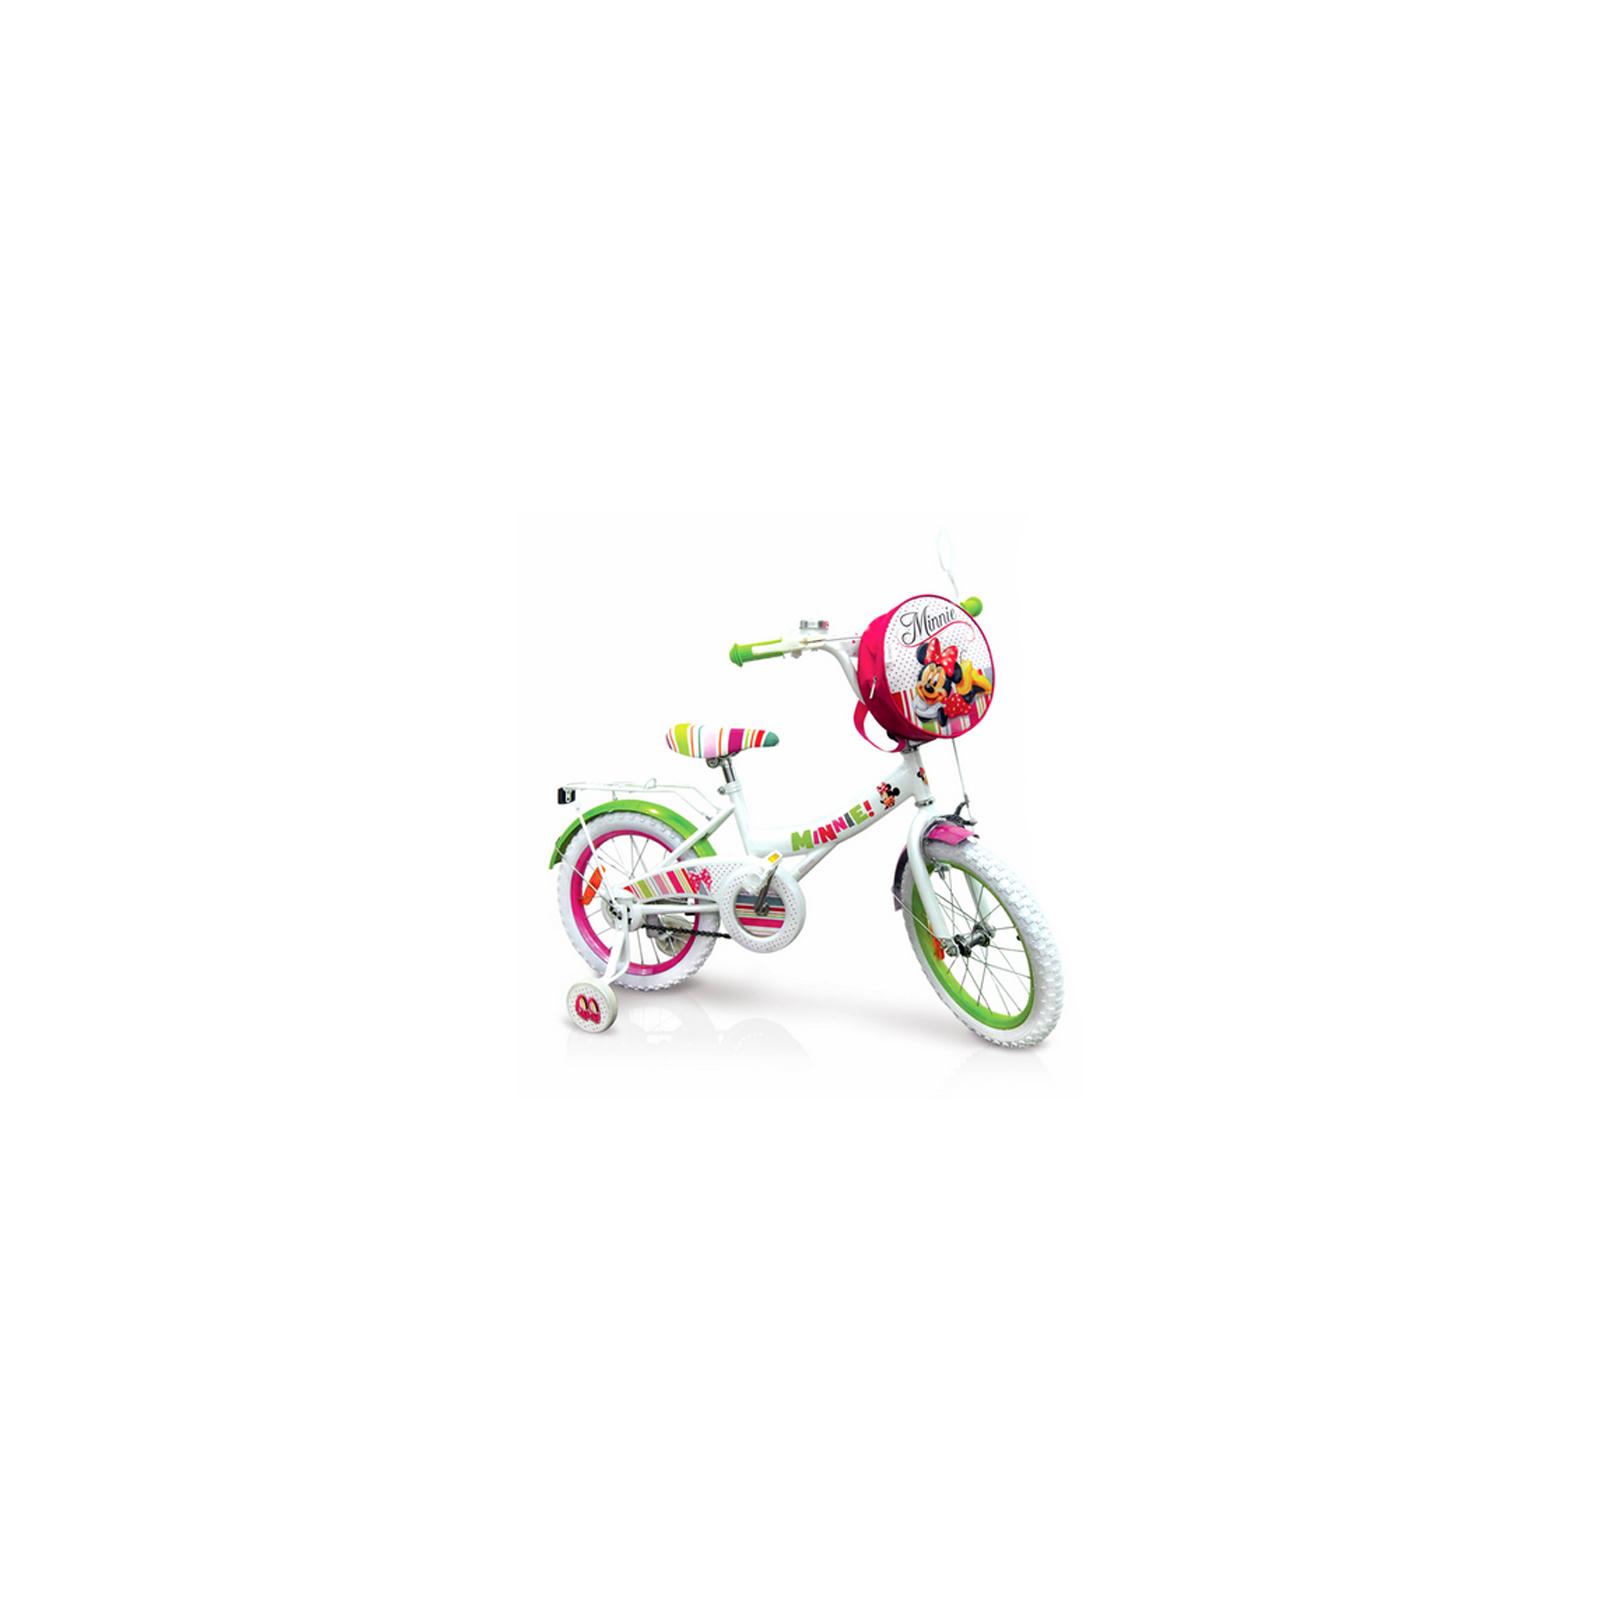 """Детский велосипед Disney 14"""" Minnie Mouse со звонком и зеркалом (M1401)"""